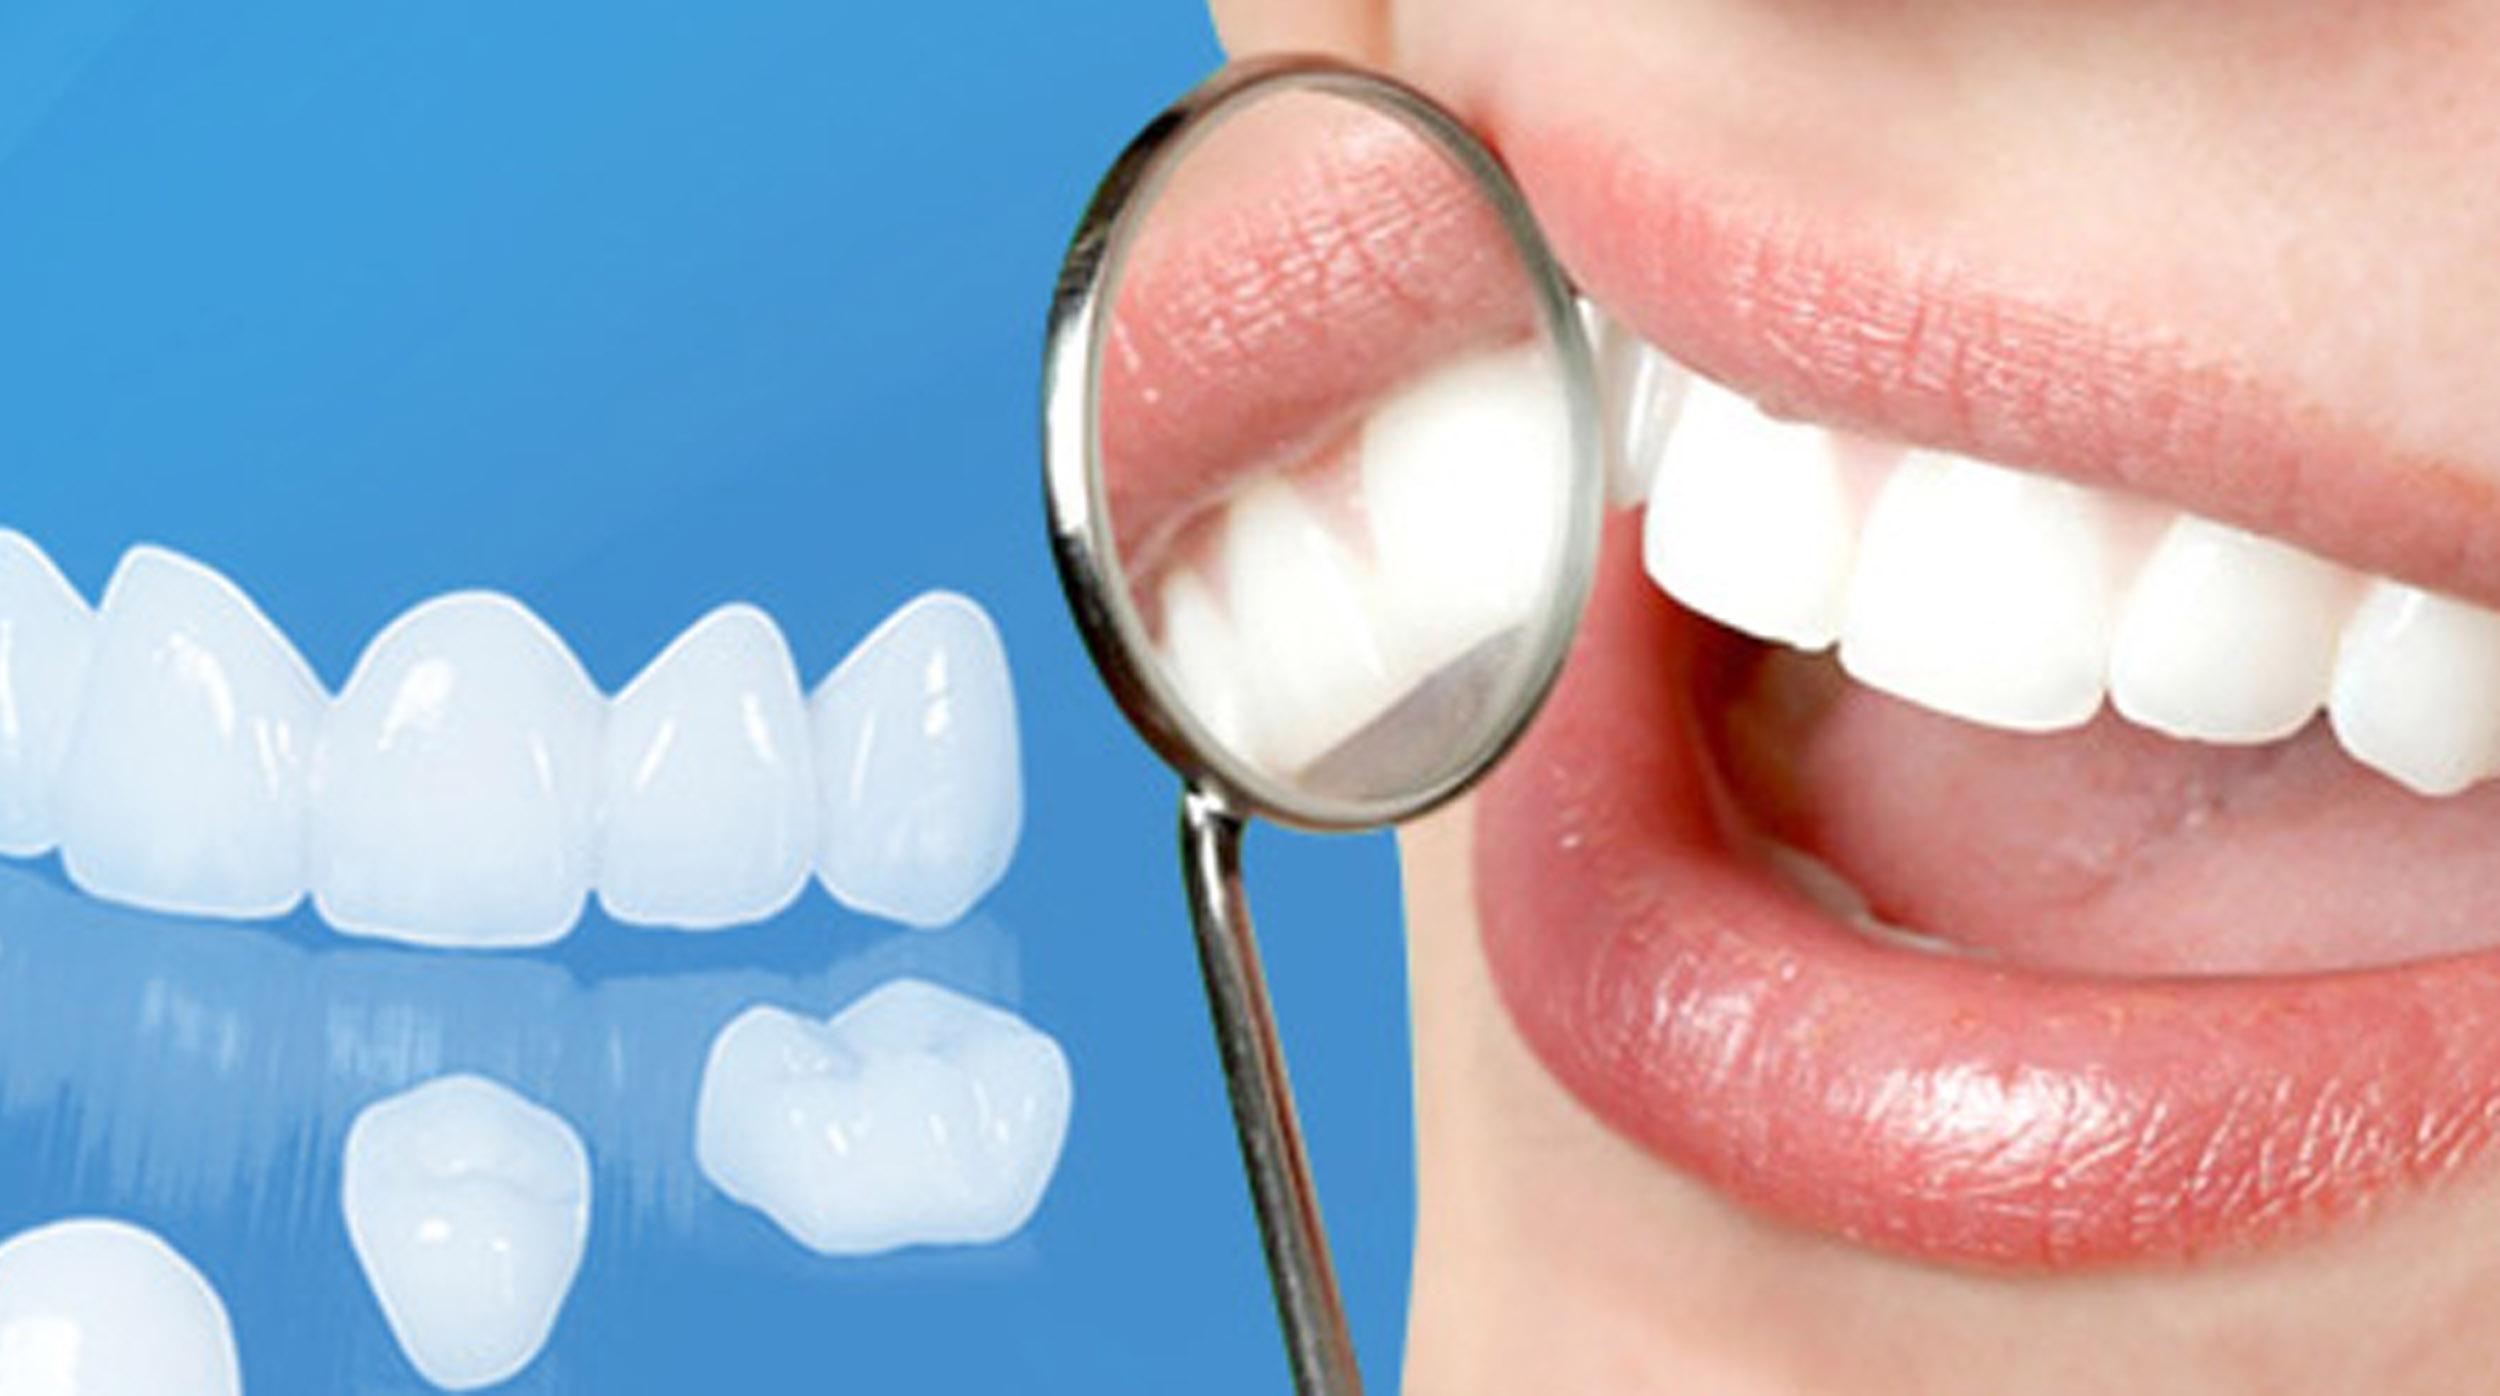 Răng được tạo 4 lớp men sứ giúp độ bóng chuẩn xác